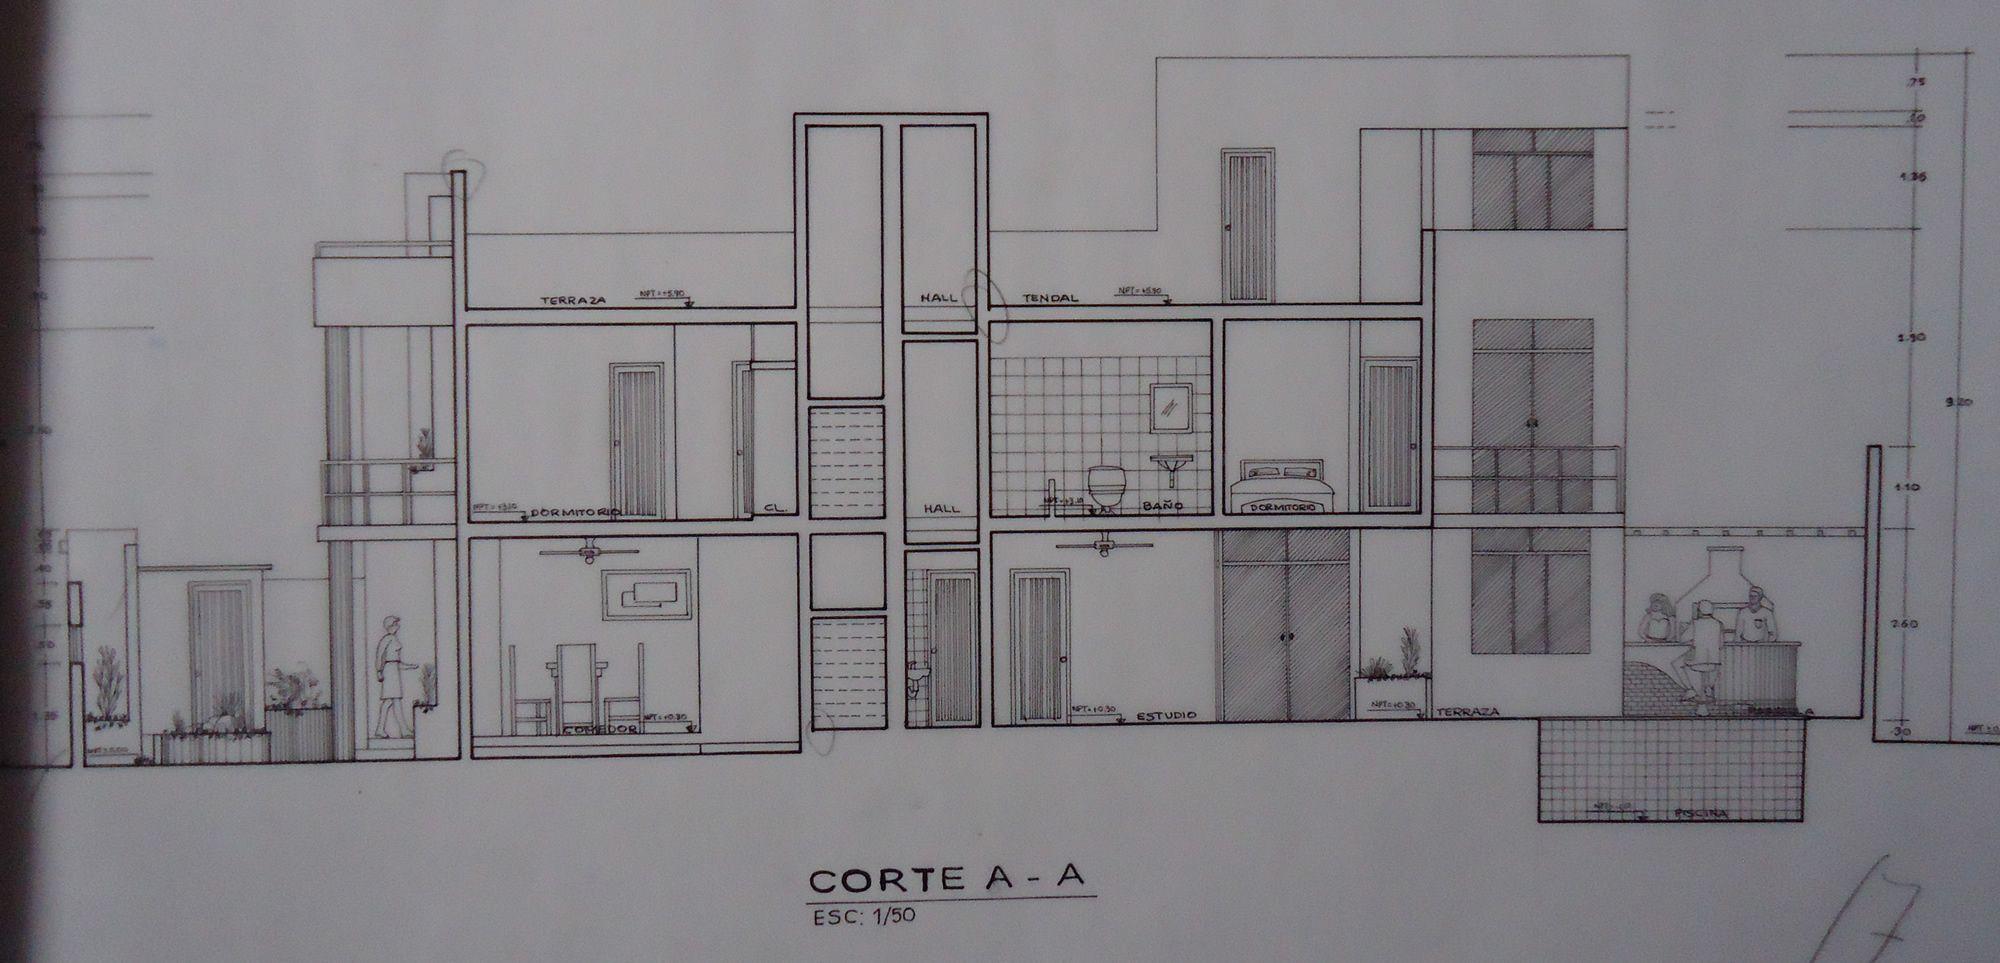 Cortes arquitectonicos de escaleras buscar con google for Cortes arquitectonicos